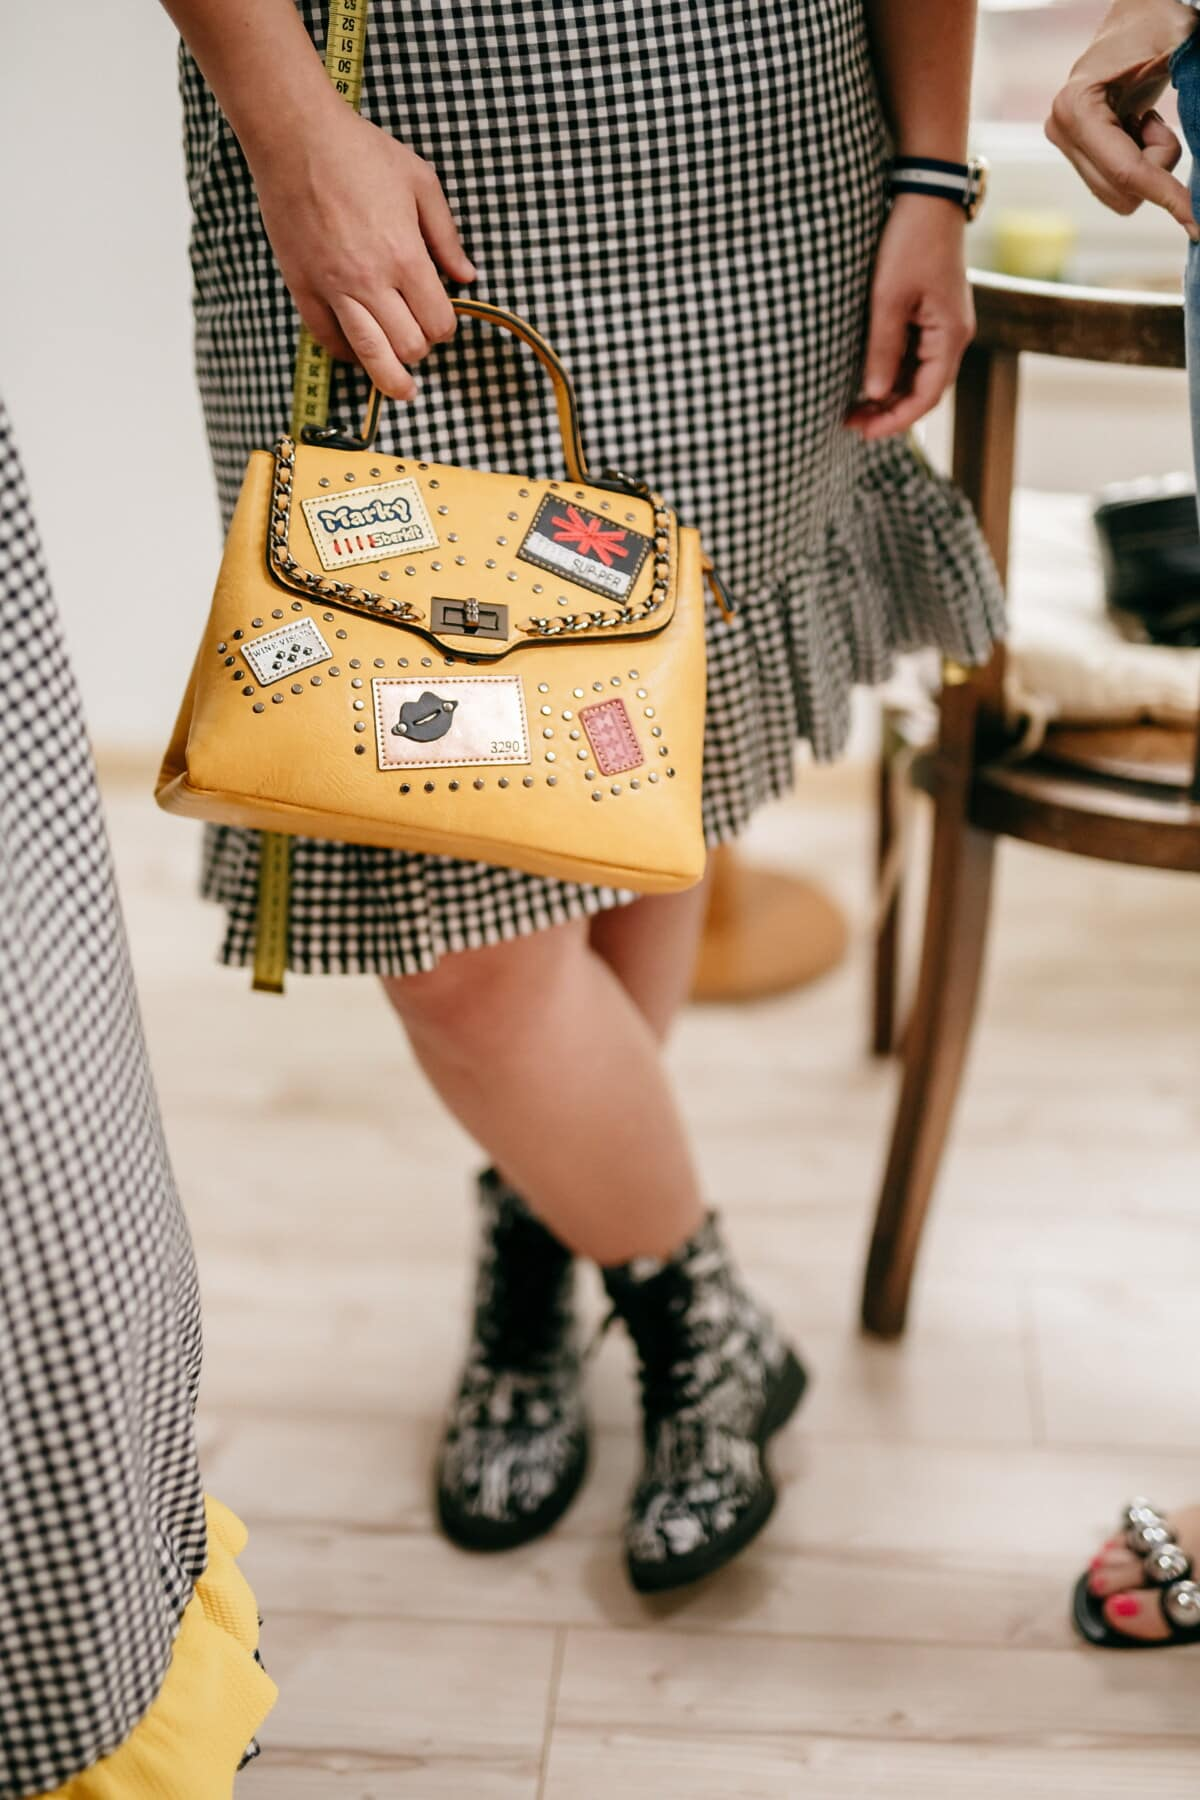 时尚, 看中, 手提包, 年份, 裙子, 年轻女子, 设计器, 黄棕色, 设计, 时尚